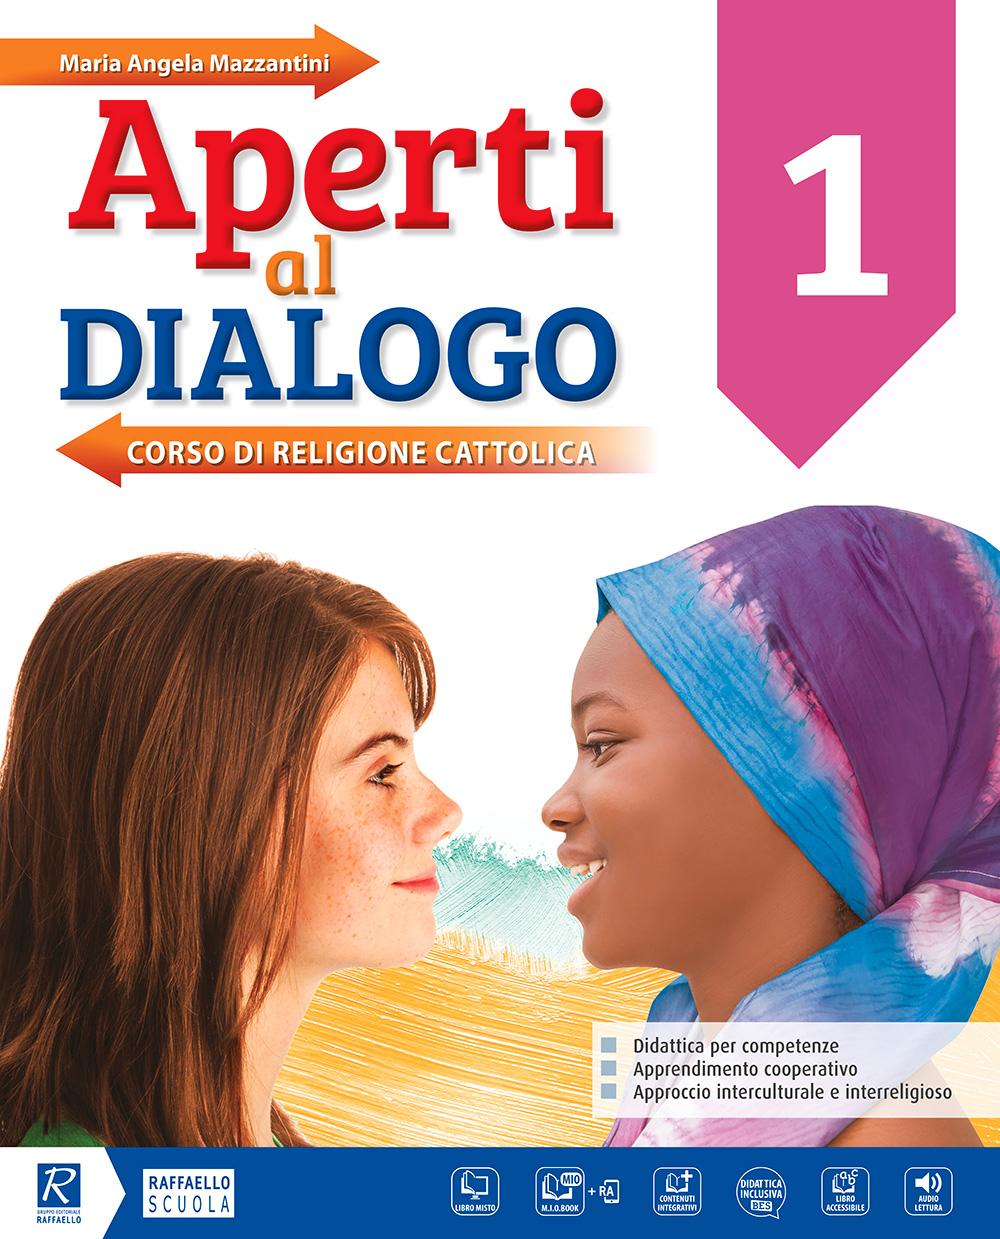 Aperti al dialogo